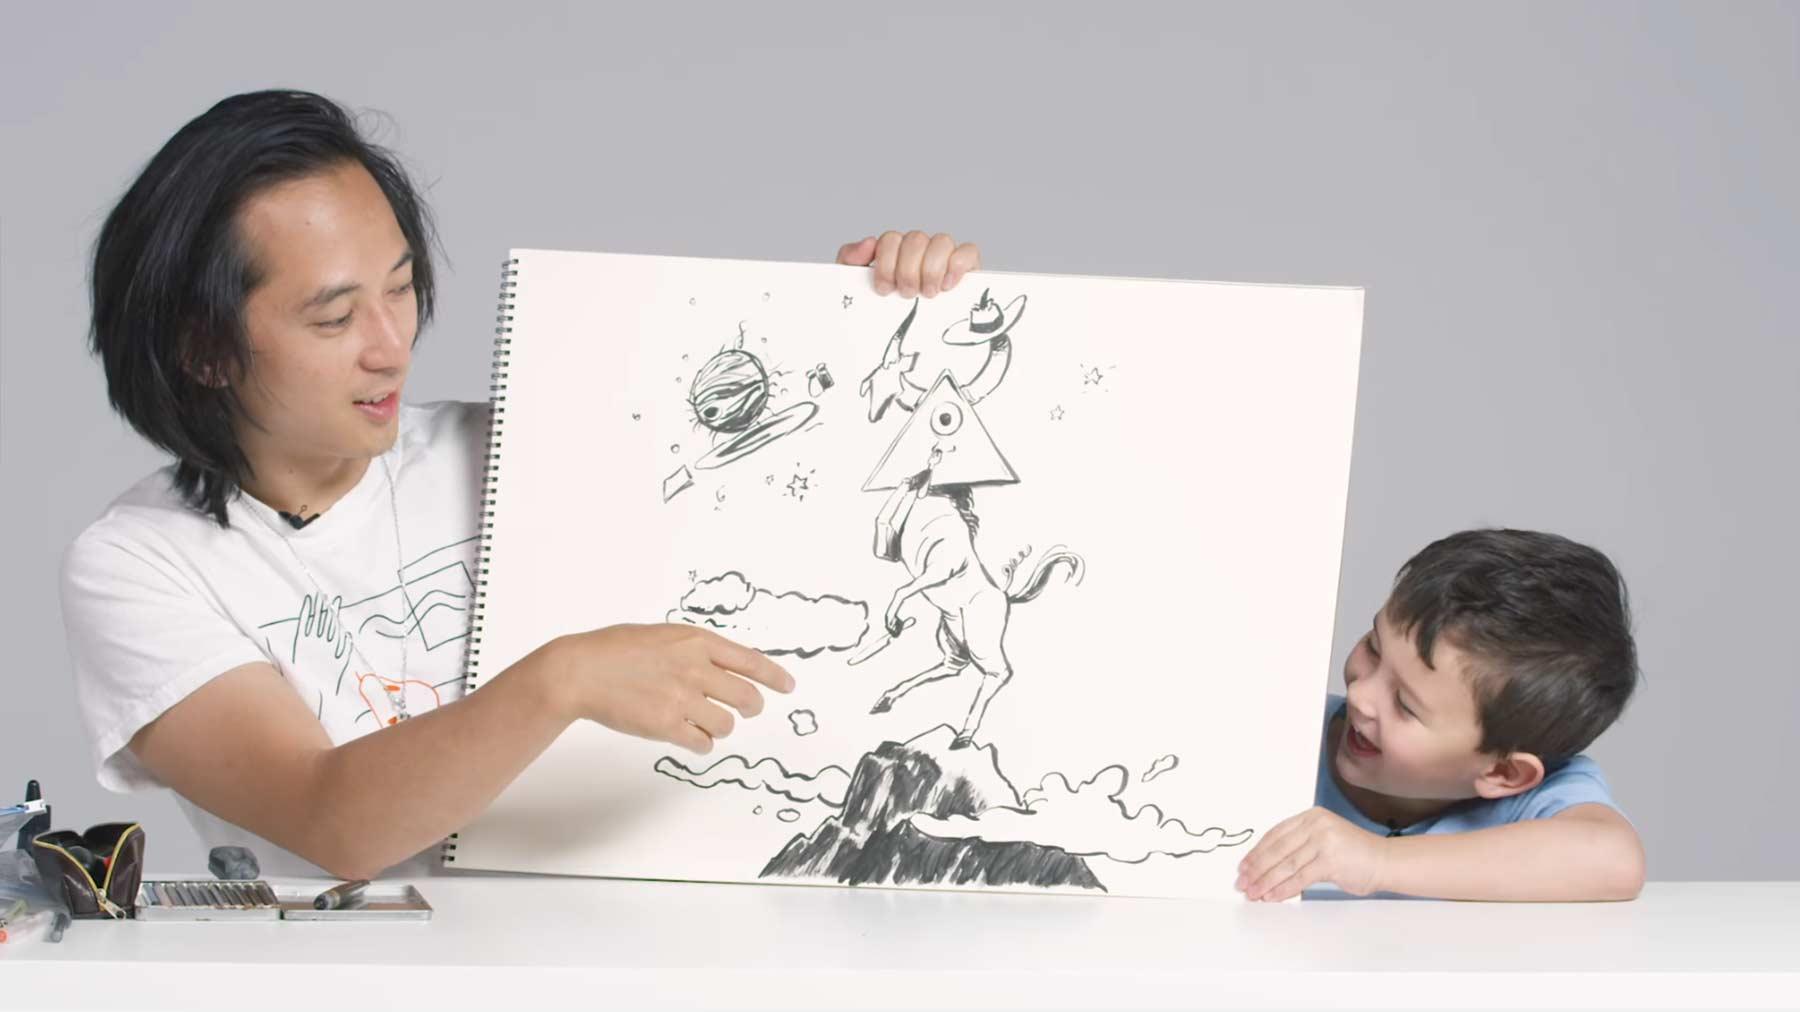 Kinder beschreiben Illustrator, wie Aliens aussehen Kids-Describe-Aliens-to-an-Illustrator